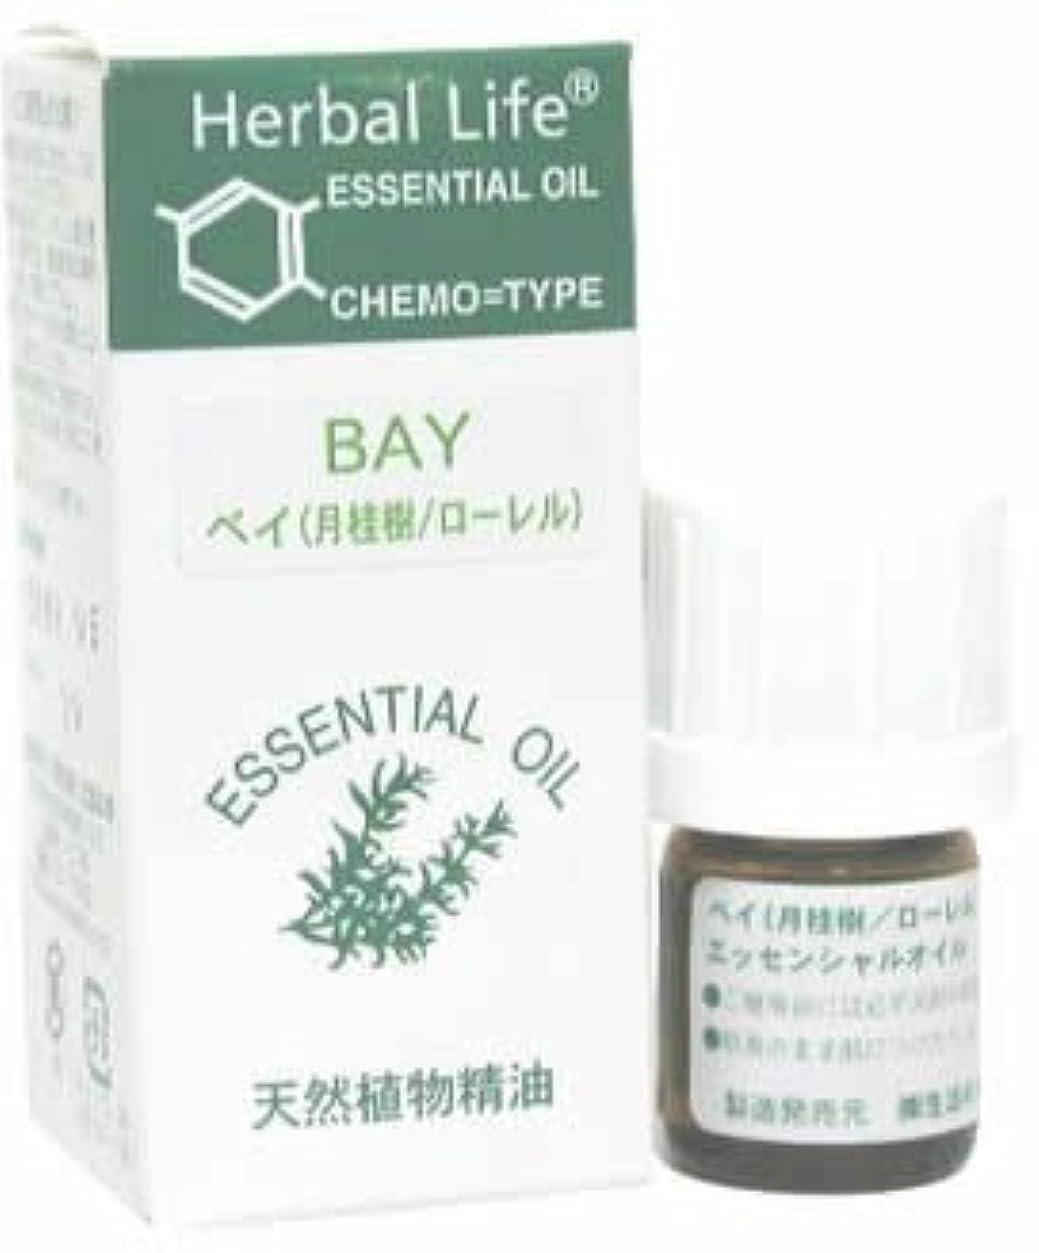 半球義務注釈Herbal Life ベイ(ローレル 月桂樹) 3ml